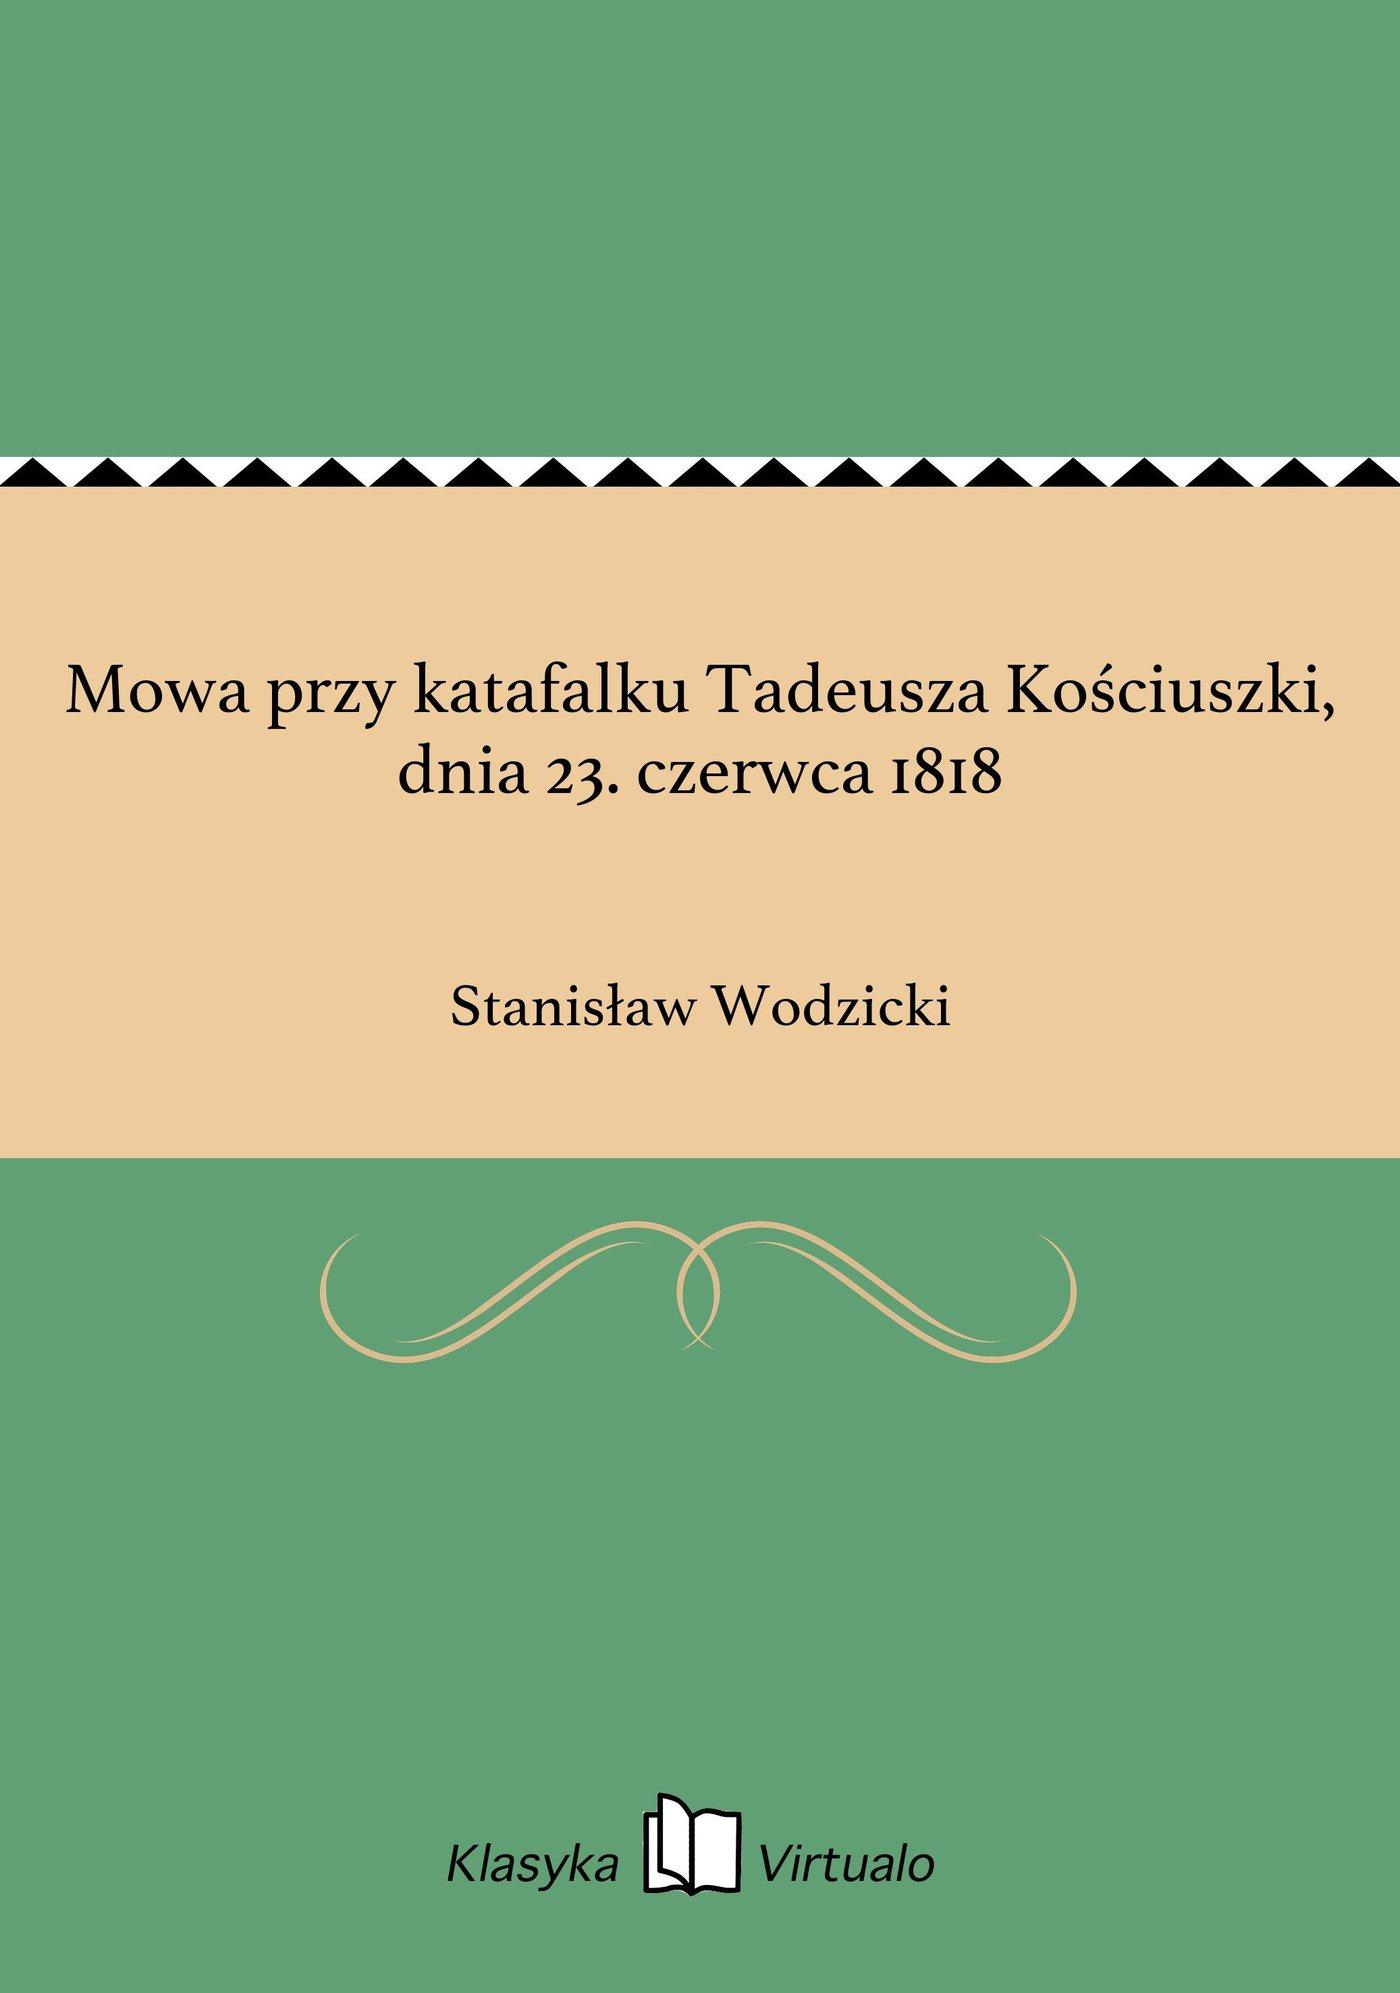 Mowa przy katafalku Tadeusza Kościuszki, dnia 23. czerwca 1818 - Ebook (Książka EPUB) do pobrania w formacie EPUB